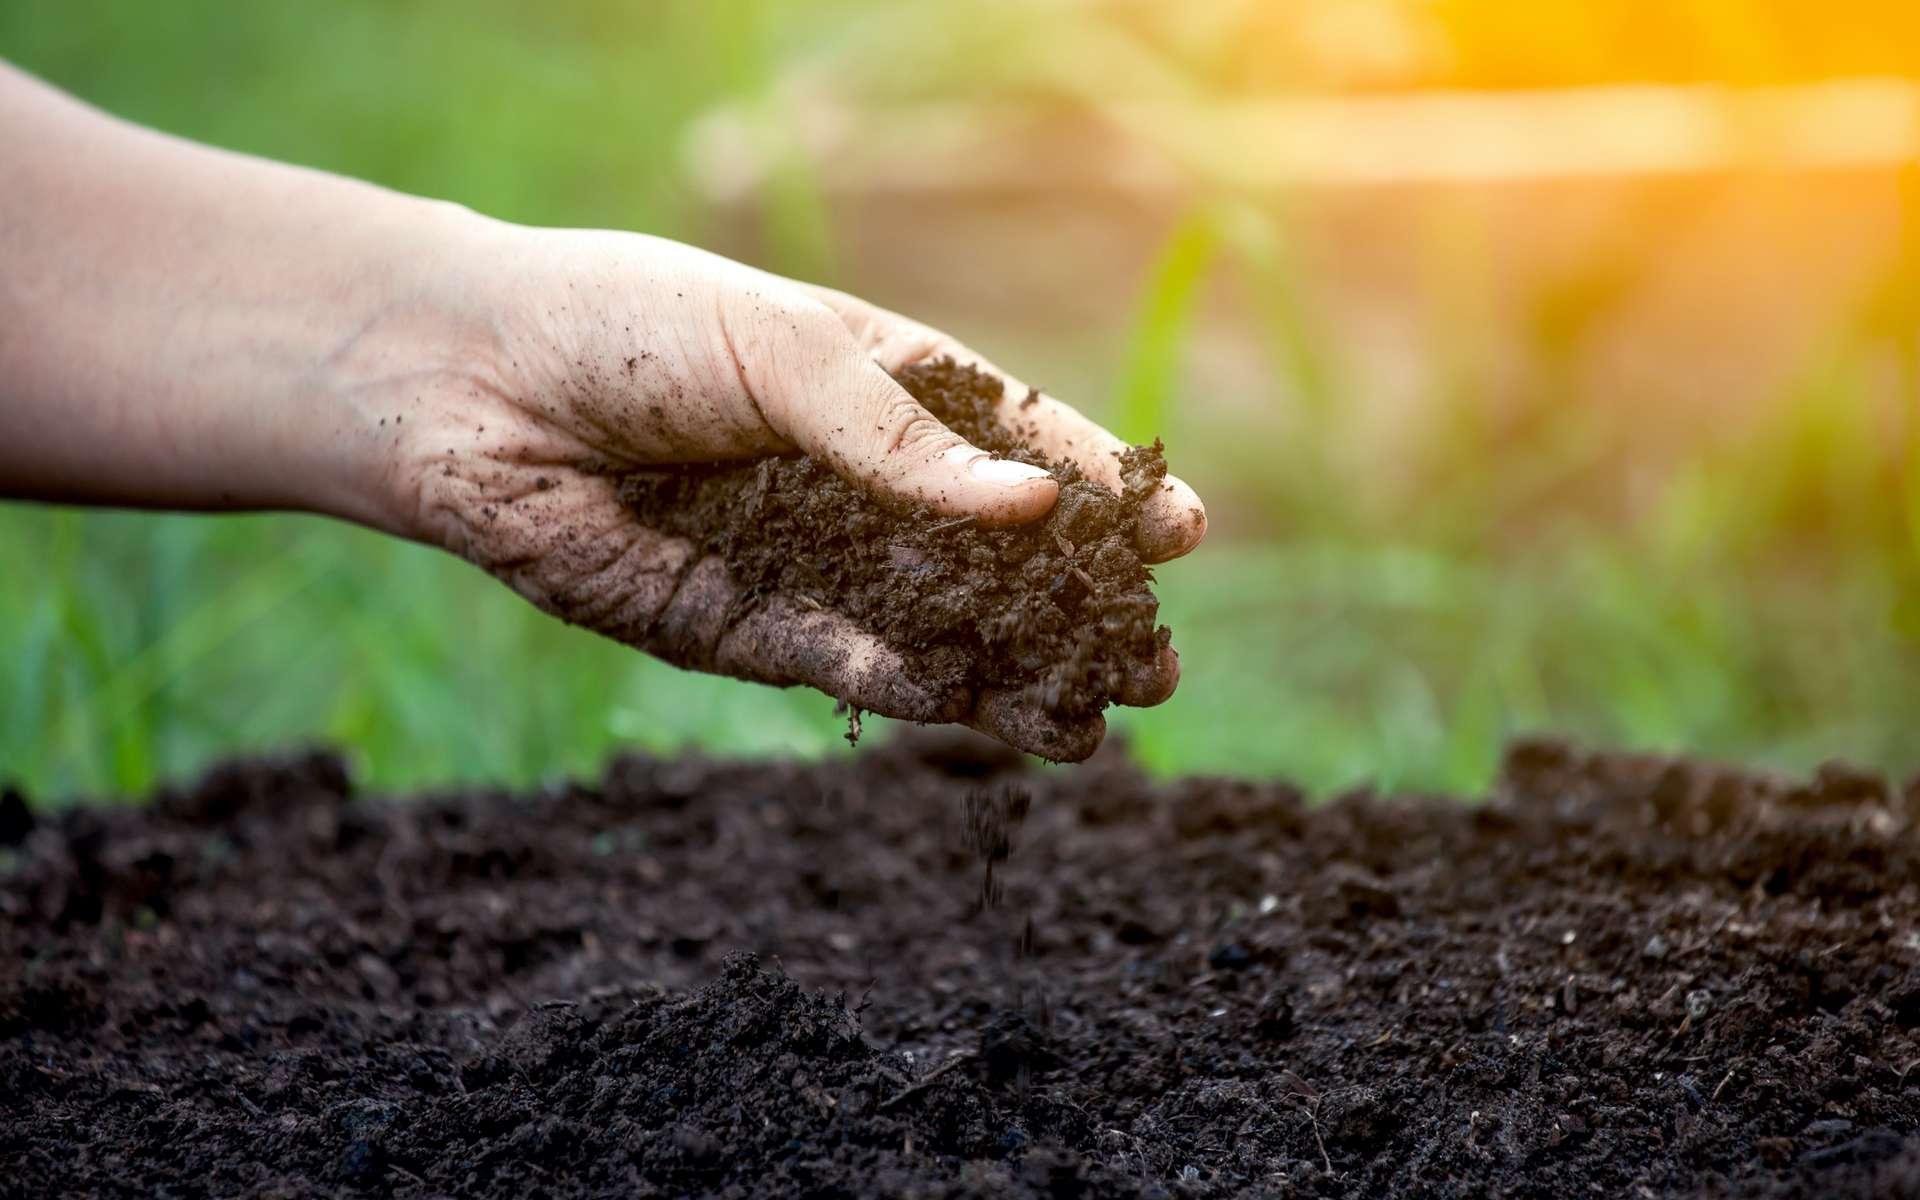 La terre contient naturellement de l'argile, un matériau très malléable adapté à l'impression 3D. © pingpao, Adobe Stock